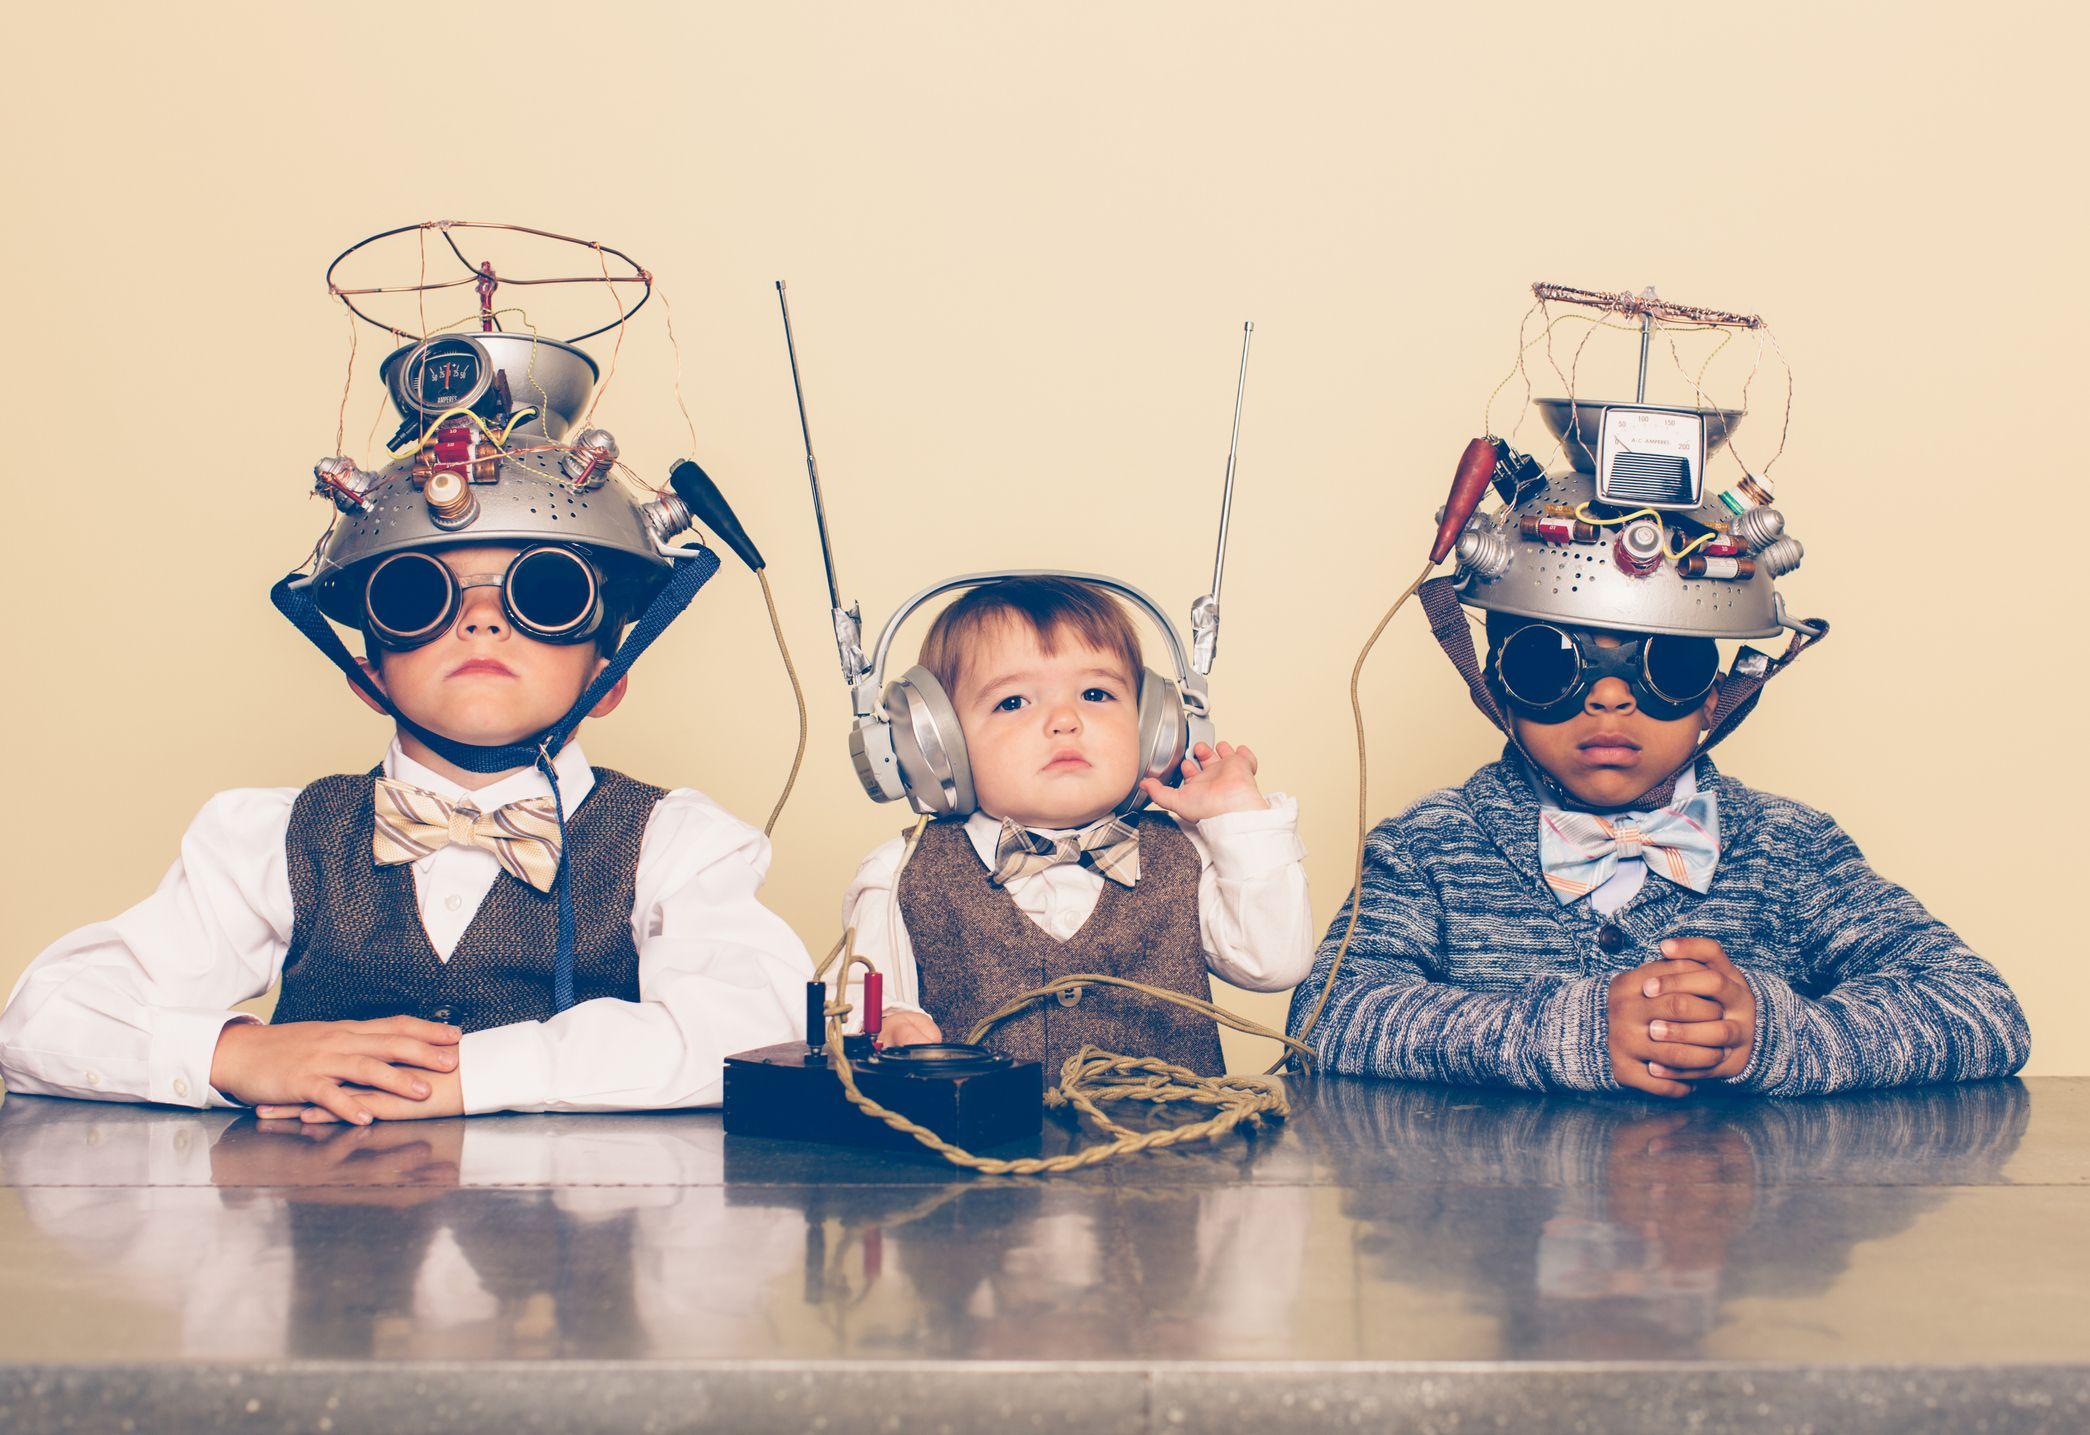 44 sfide di ingegneria per bambini per combattere la noia e allenare l'ingegno durante l'isolamento